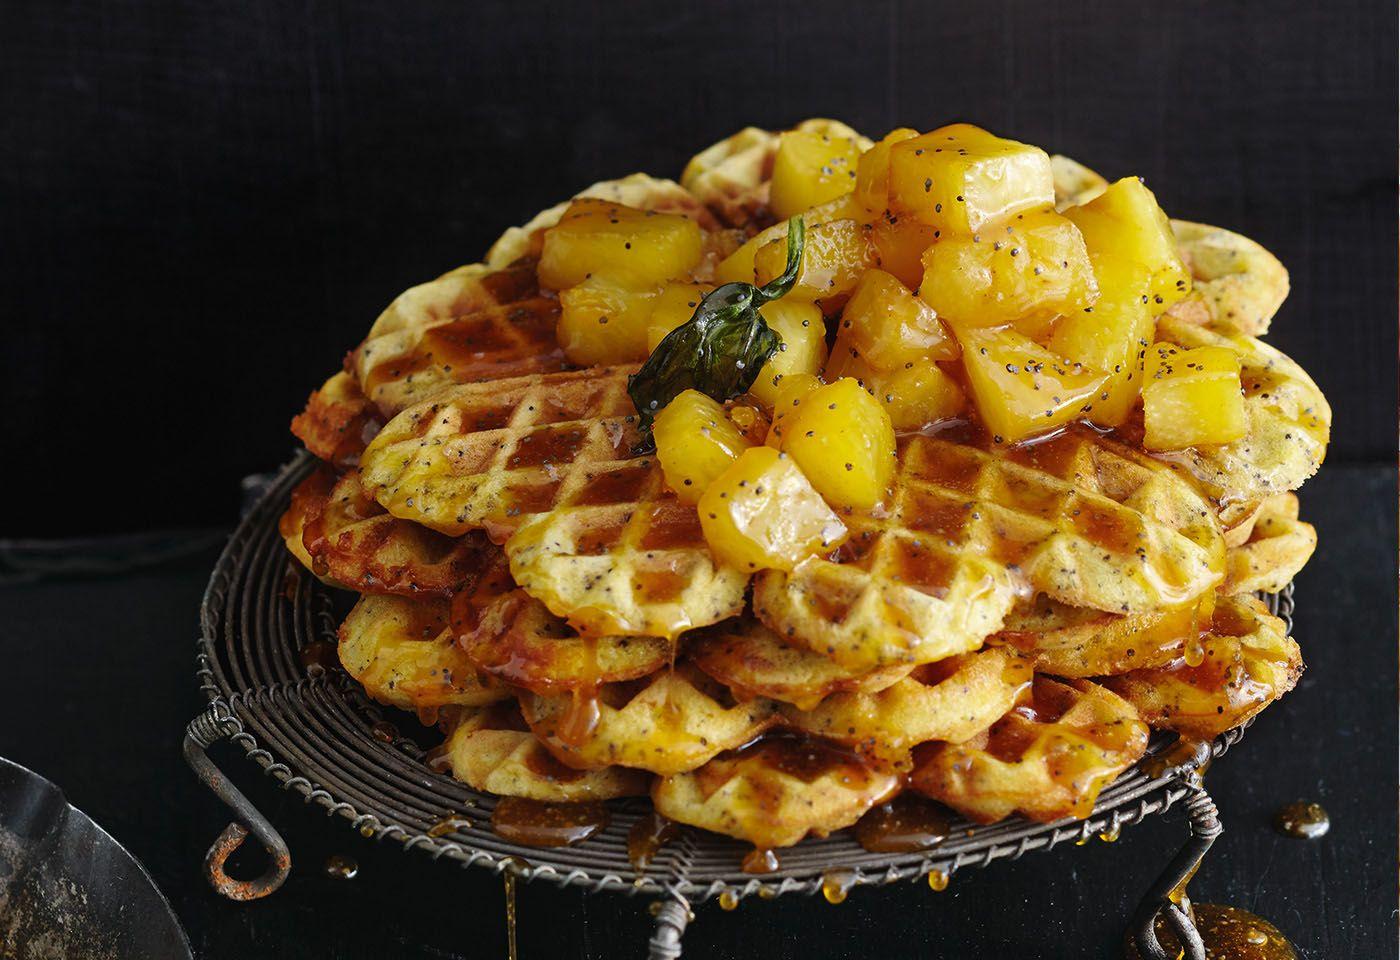 Mohnwaffeln mit karamelisierten Ananaswürfeln